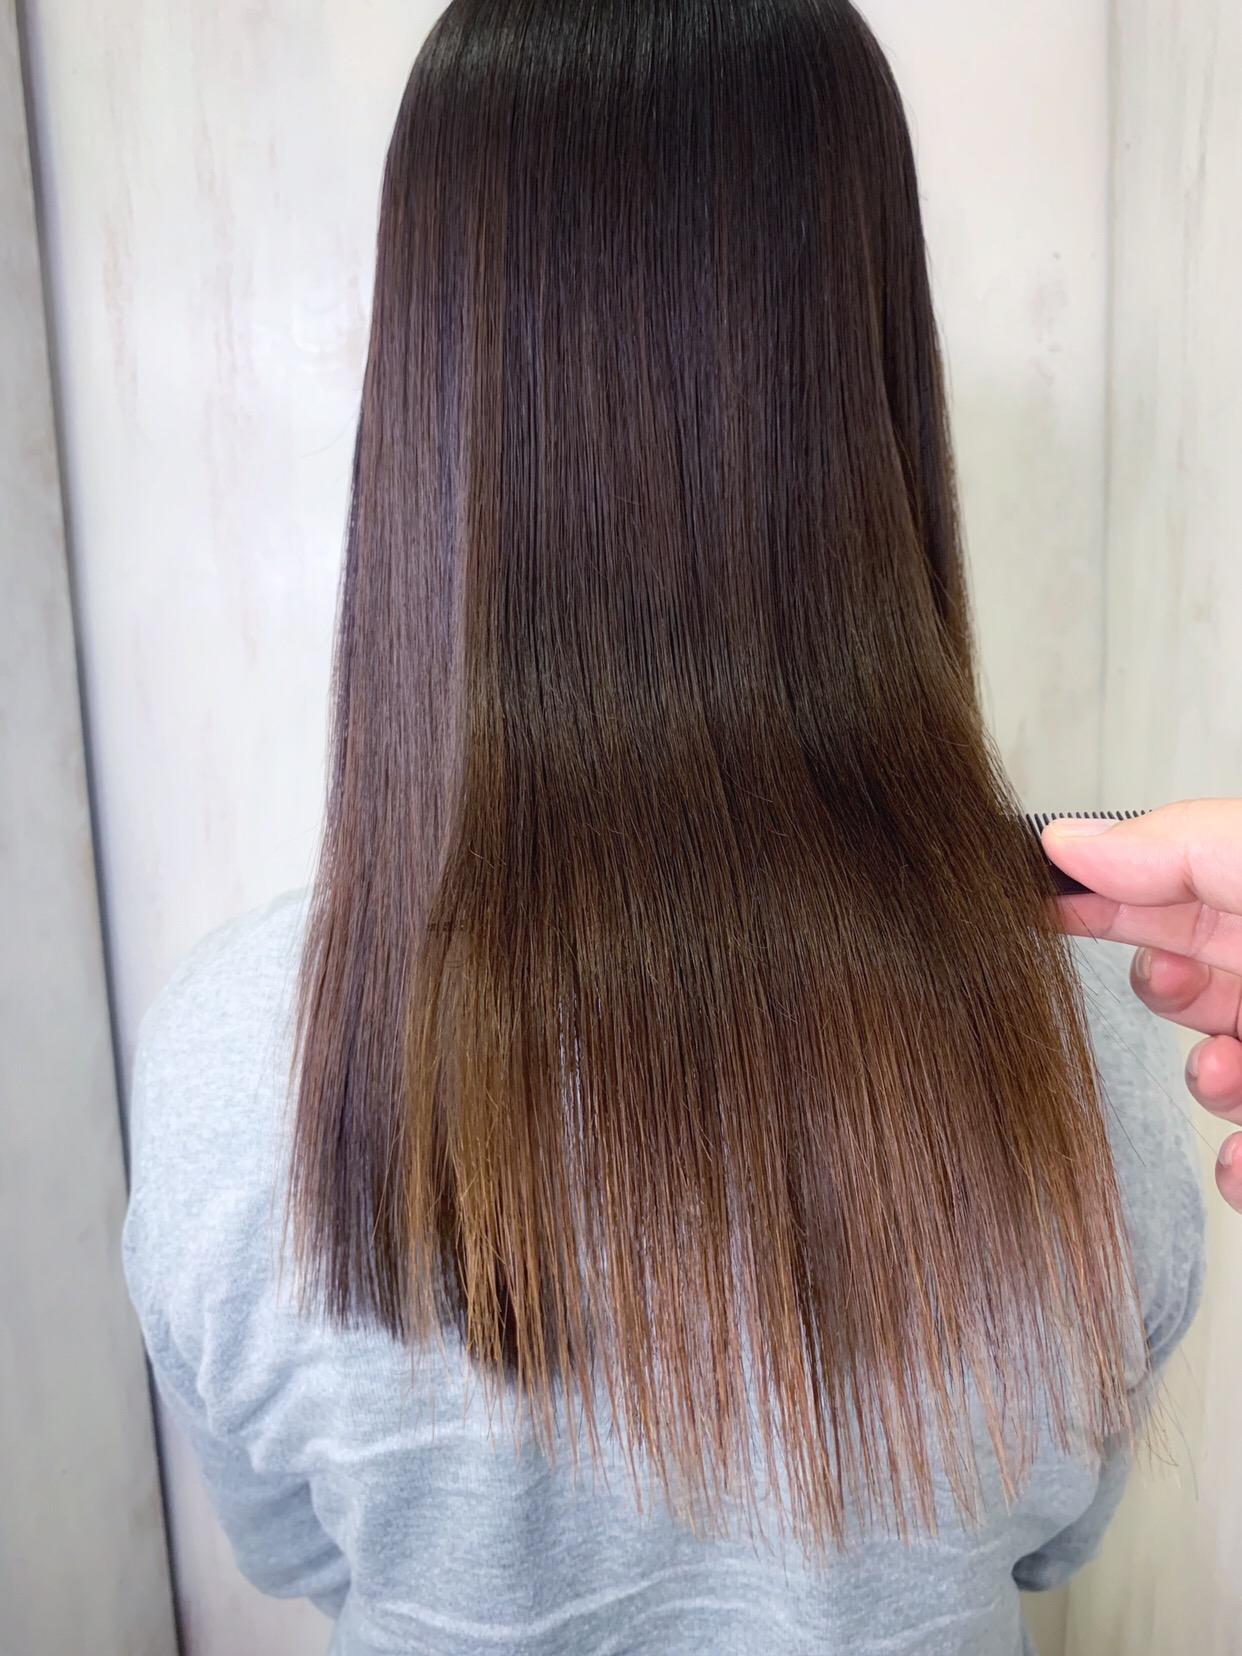 パーマの失敗でチリチリになった髪をビビリ矯正で艶髪に。原宿・表参道『1000人をツヤ髪にヘアケア美容師の挑戦』